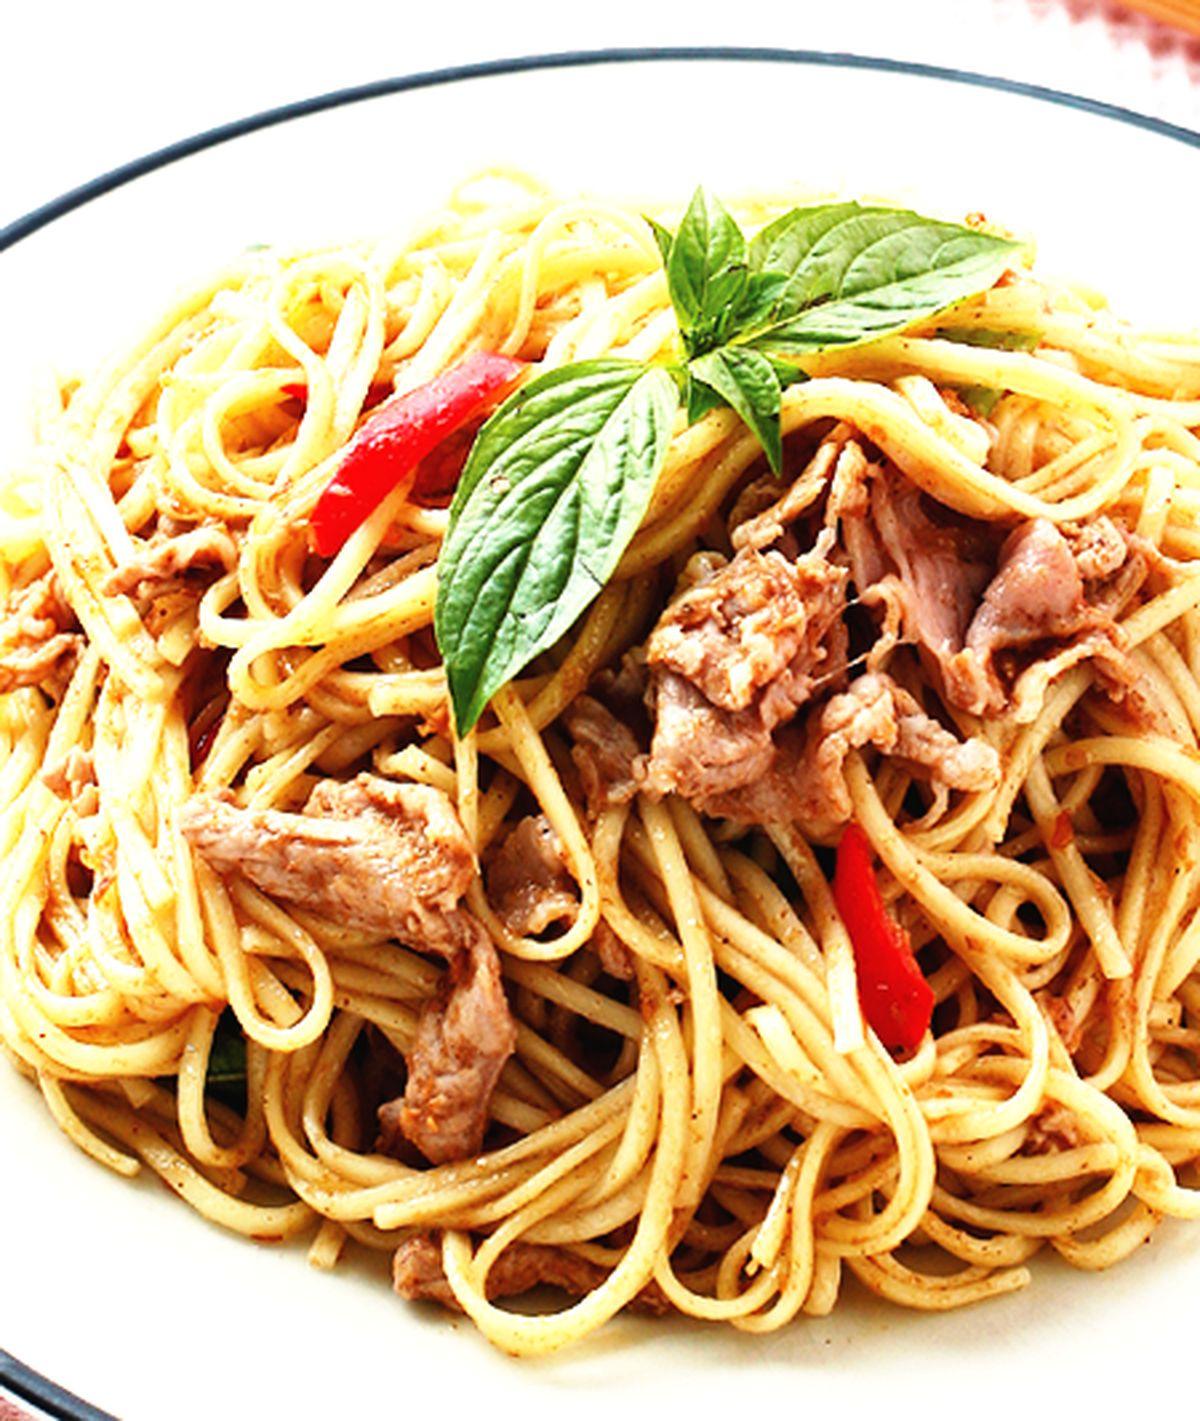 食譜:沙茶羊肉炒麵